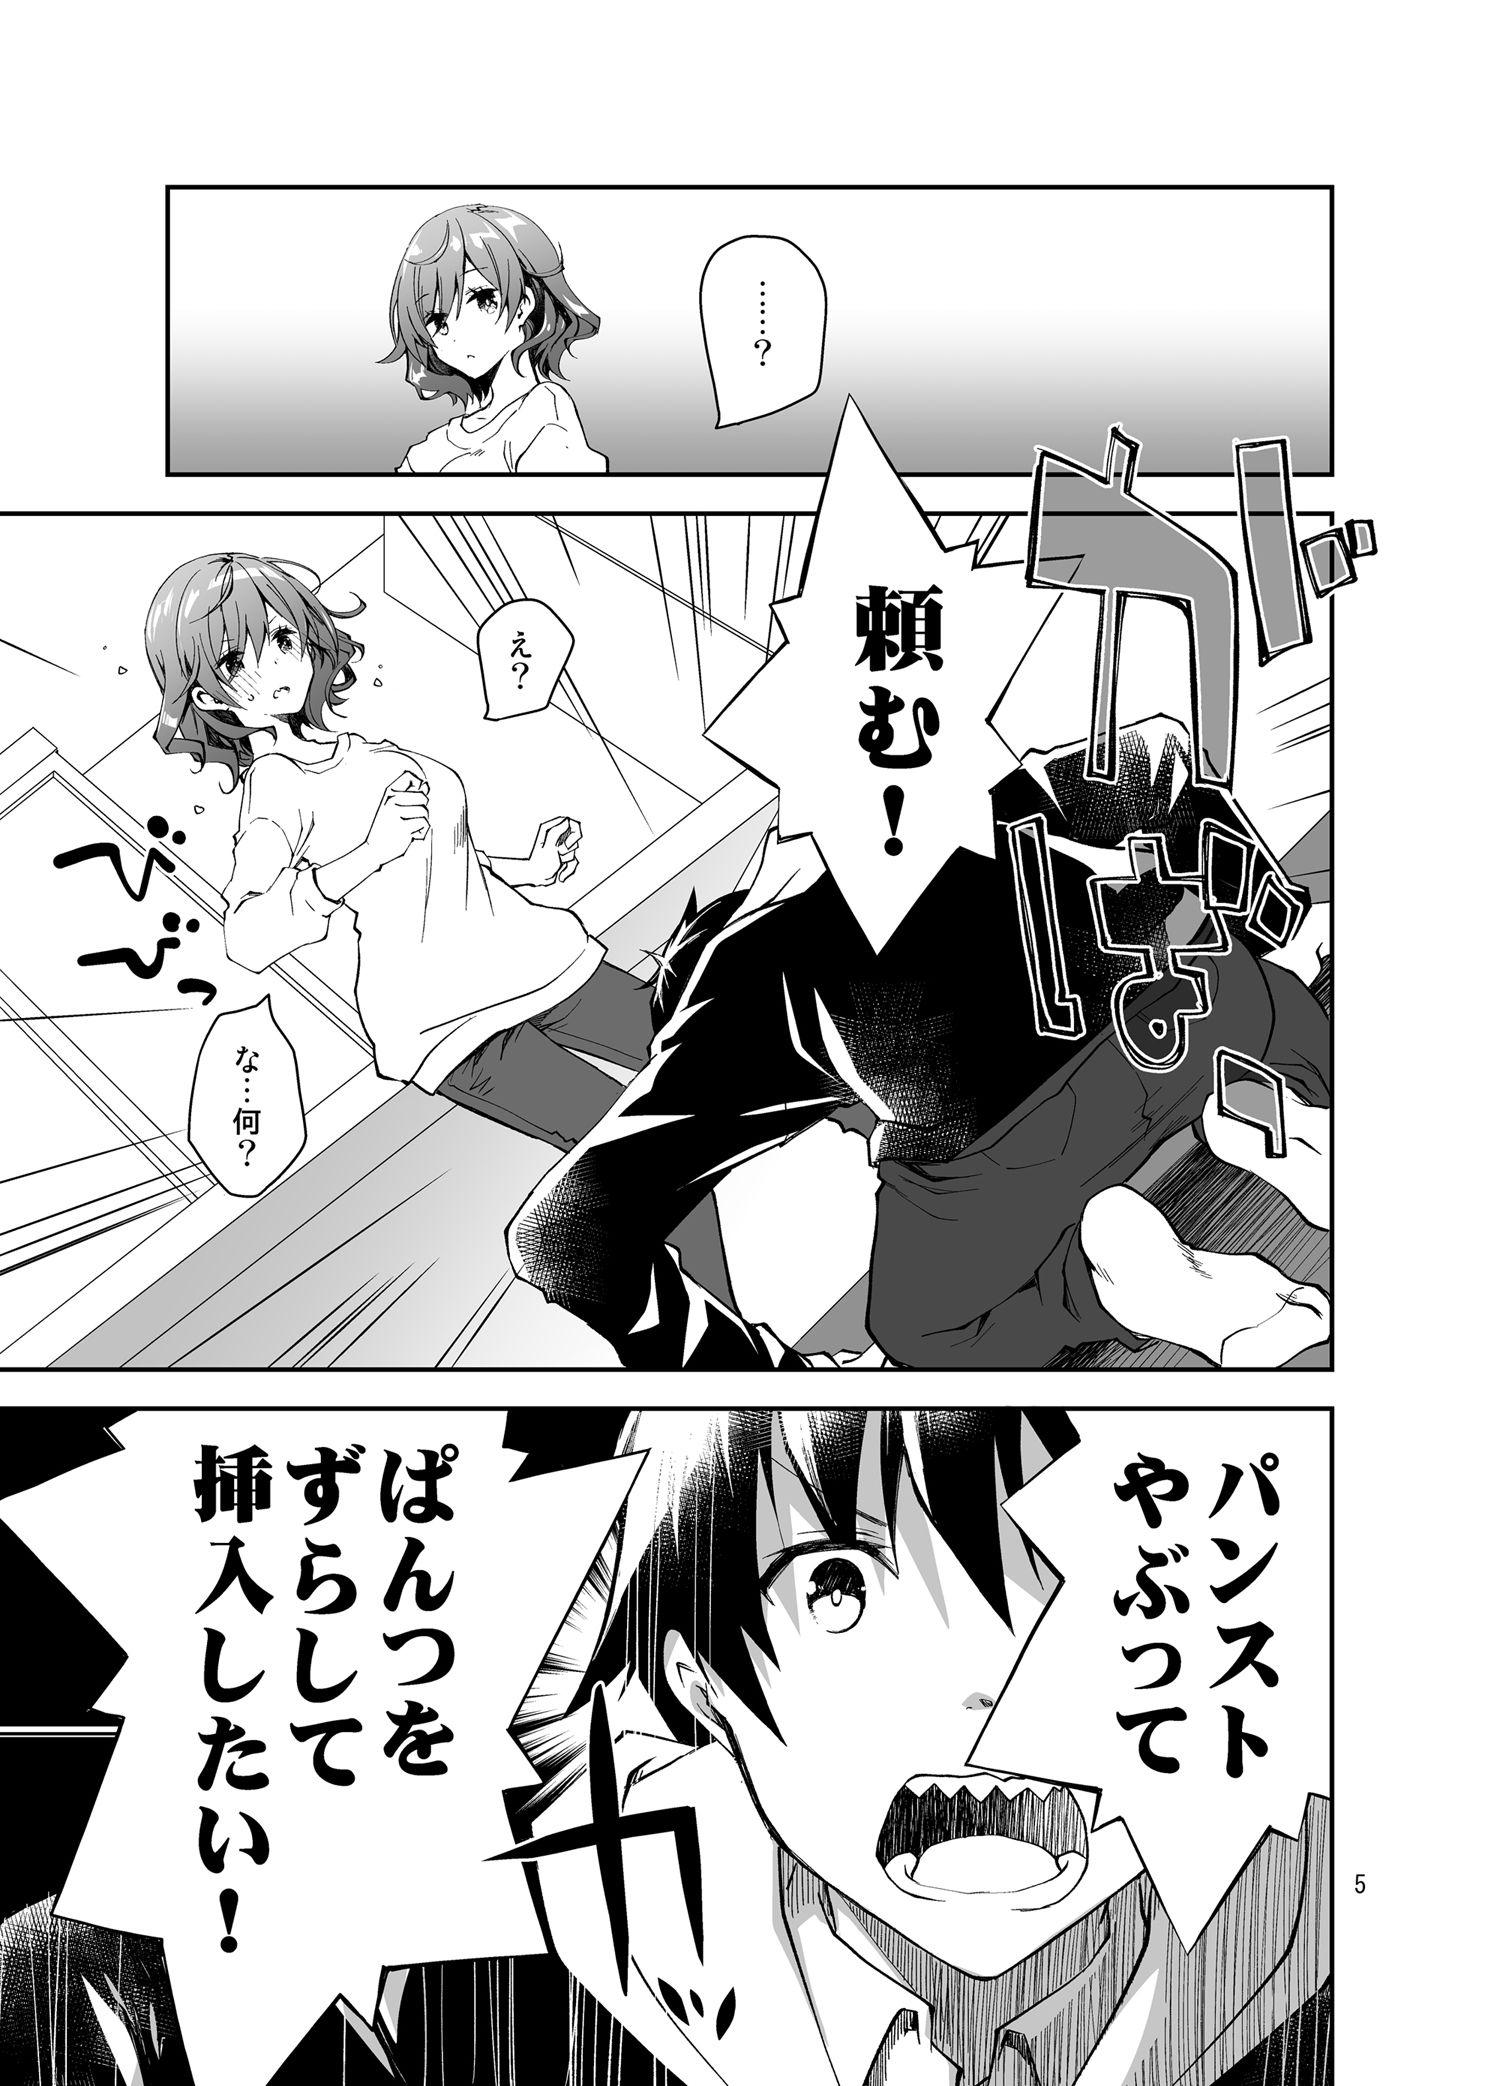 ふぇち×フェチ 画像